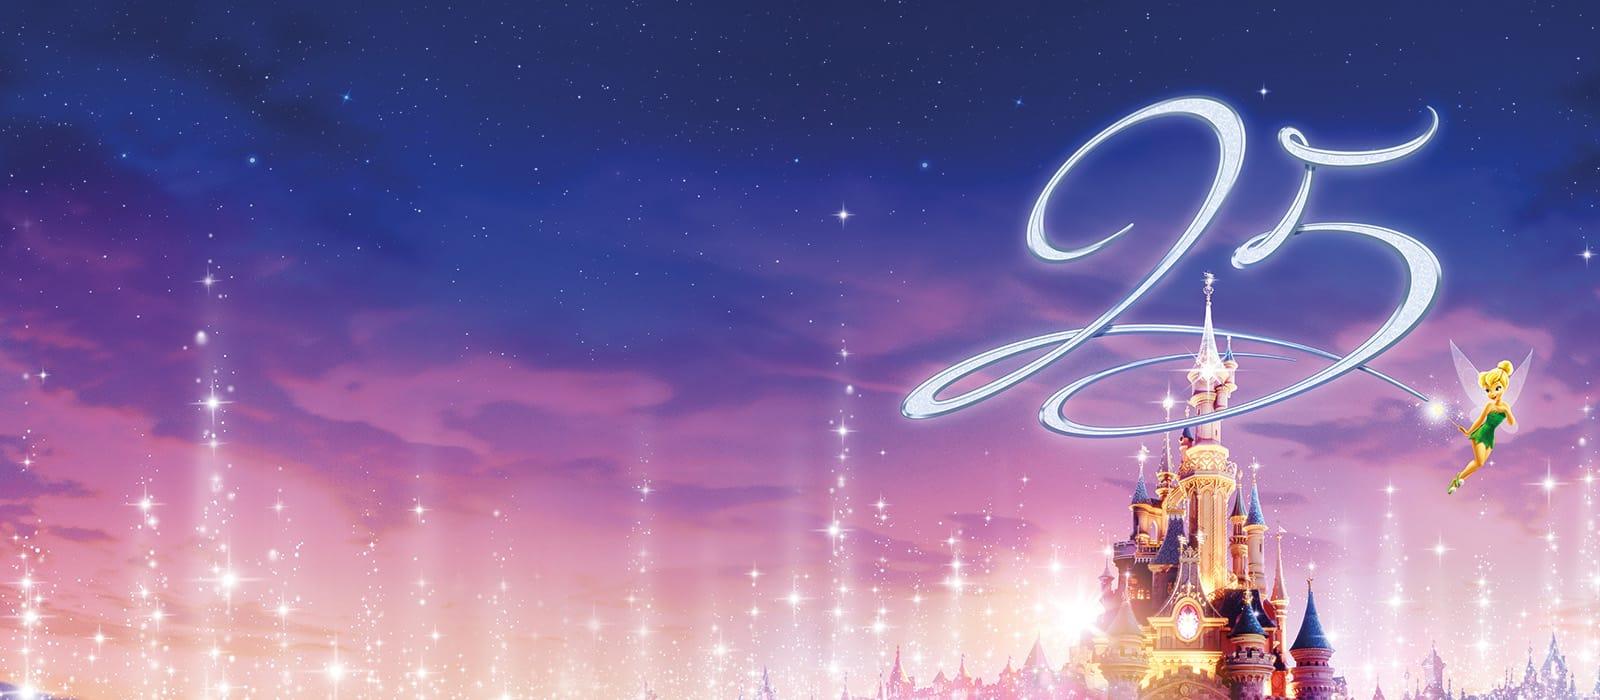 25e verjaardag <br> van Disneyland Paris